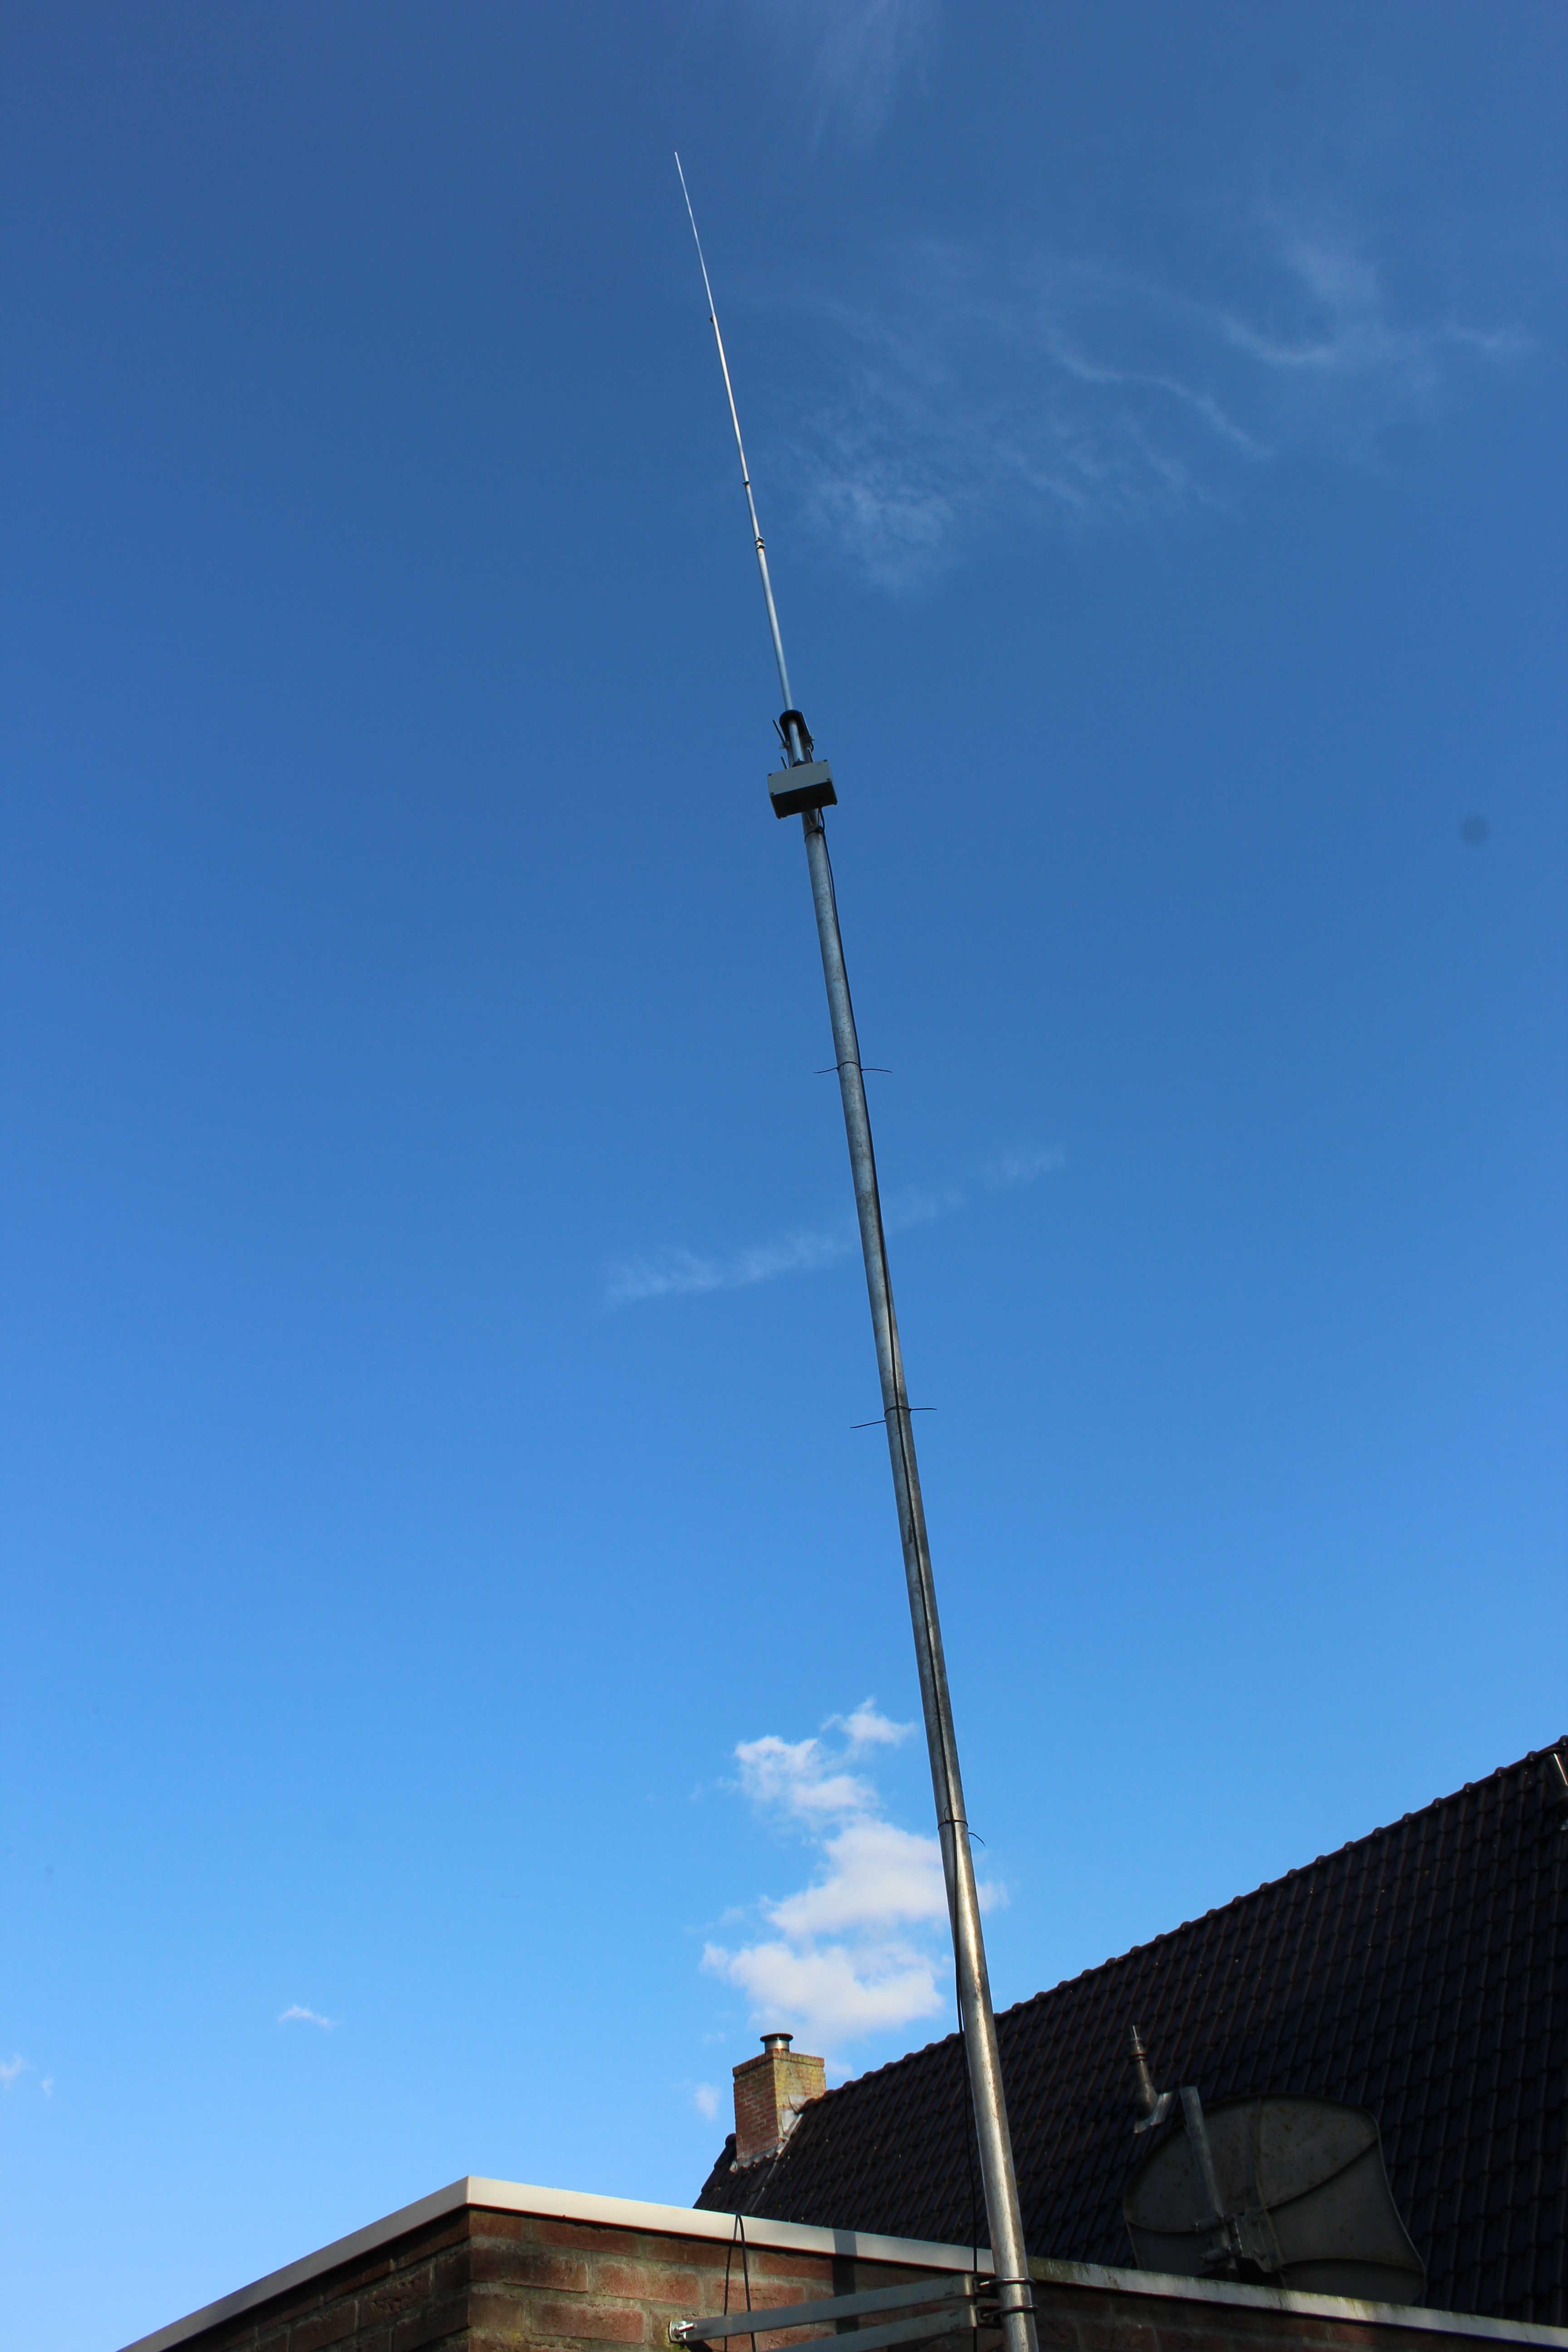 Antenna and mast